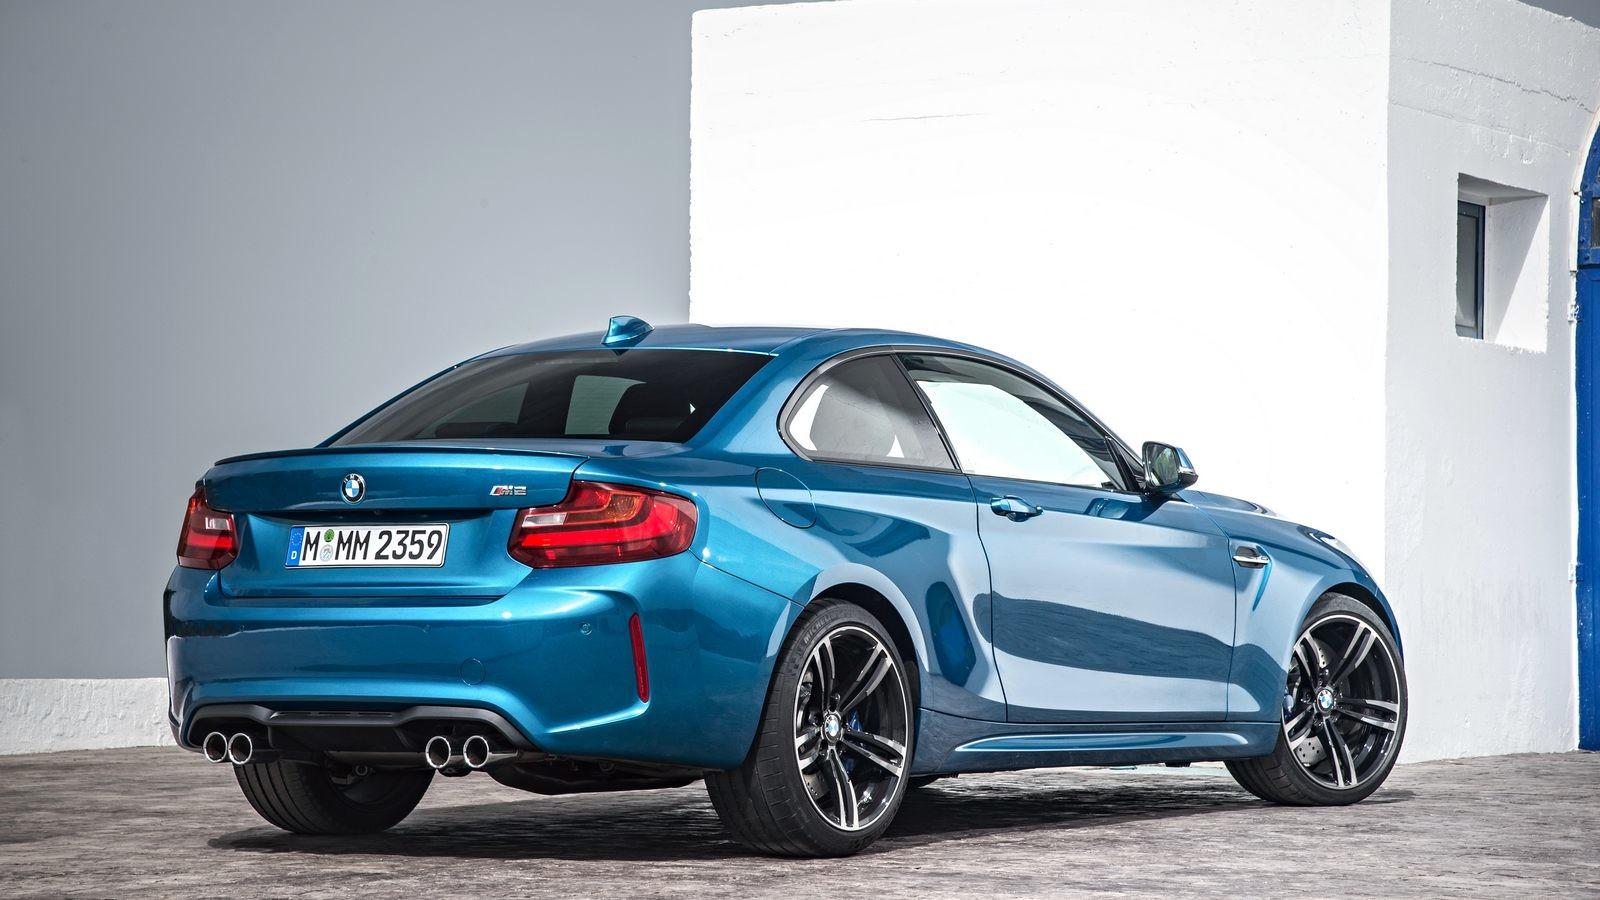 Дизайн БМВ M2 Coupe признан лучшим вследующем году